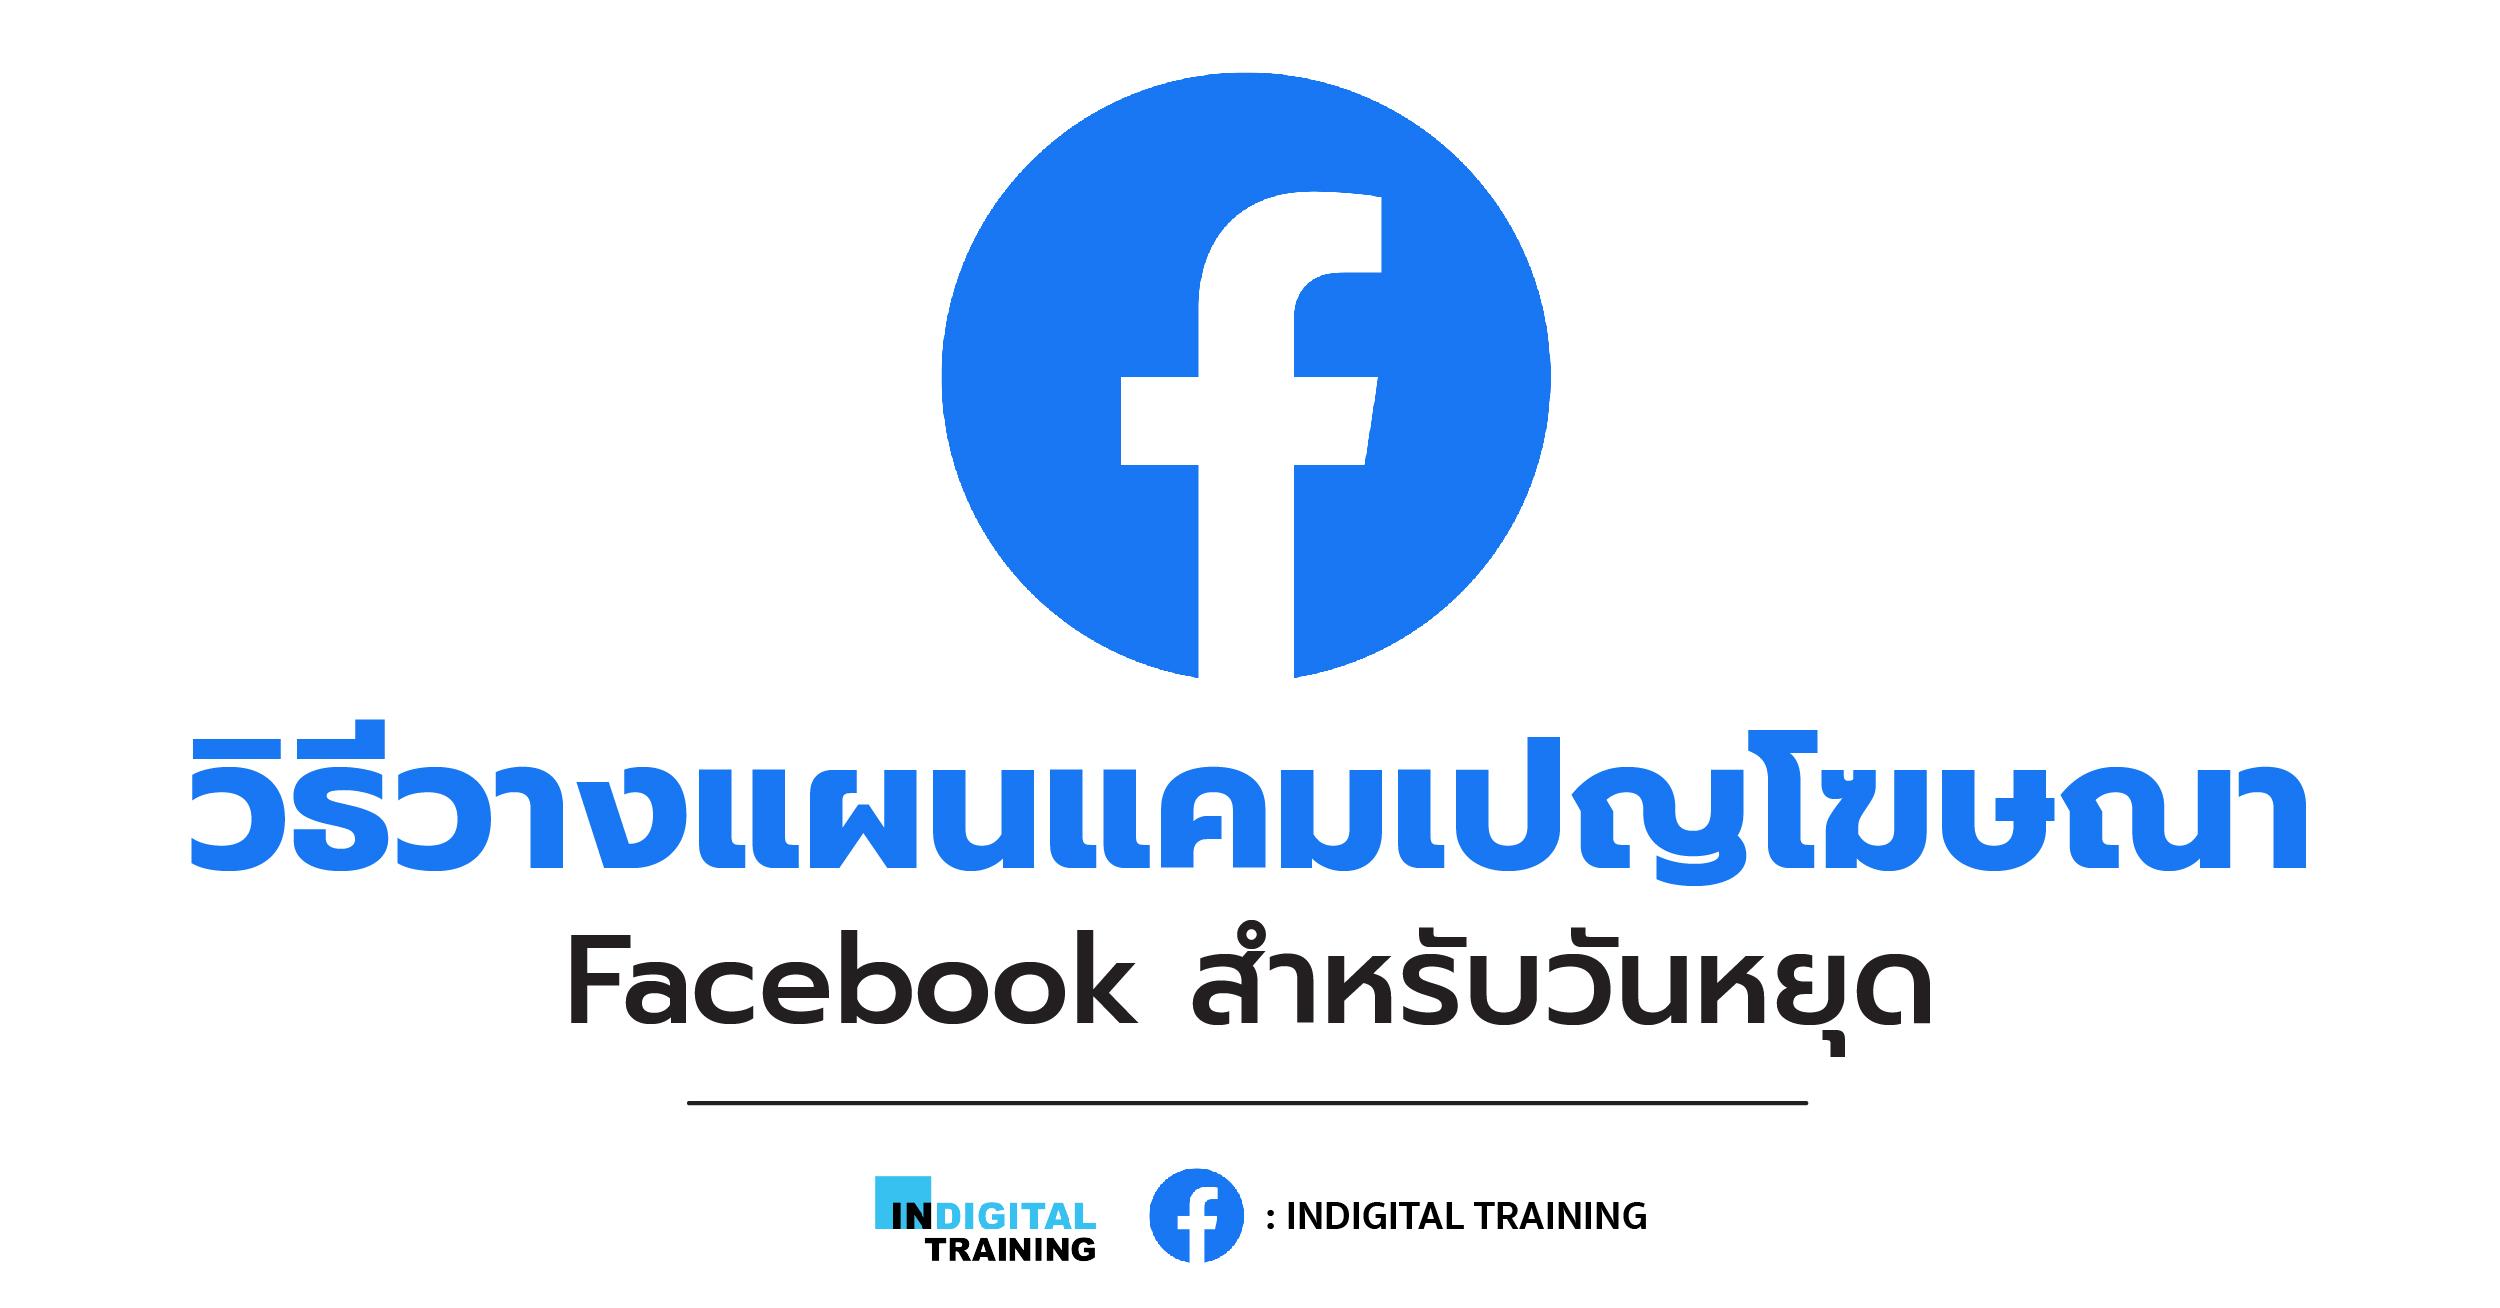 วิธีวางแผนแคมเปญโฆษณา Facebook สำหรับวันหยุด